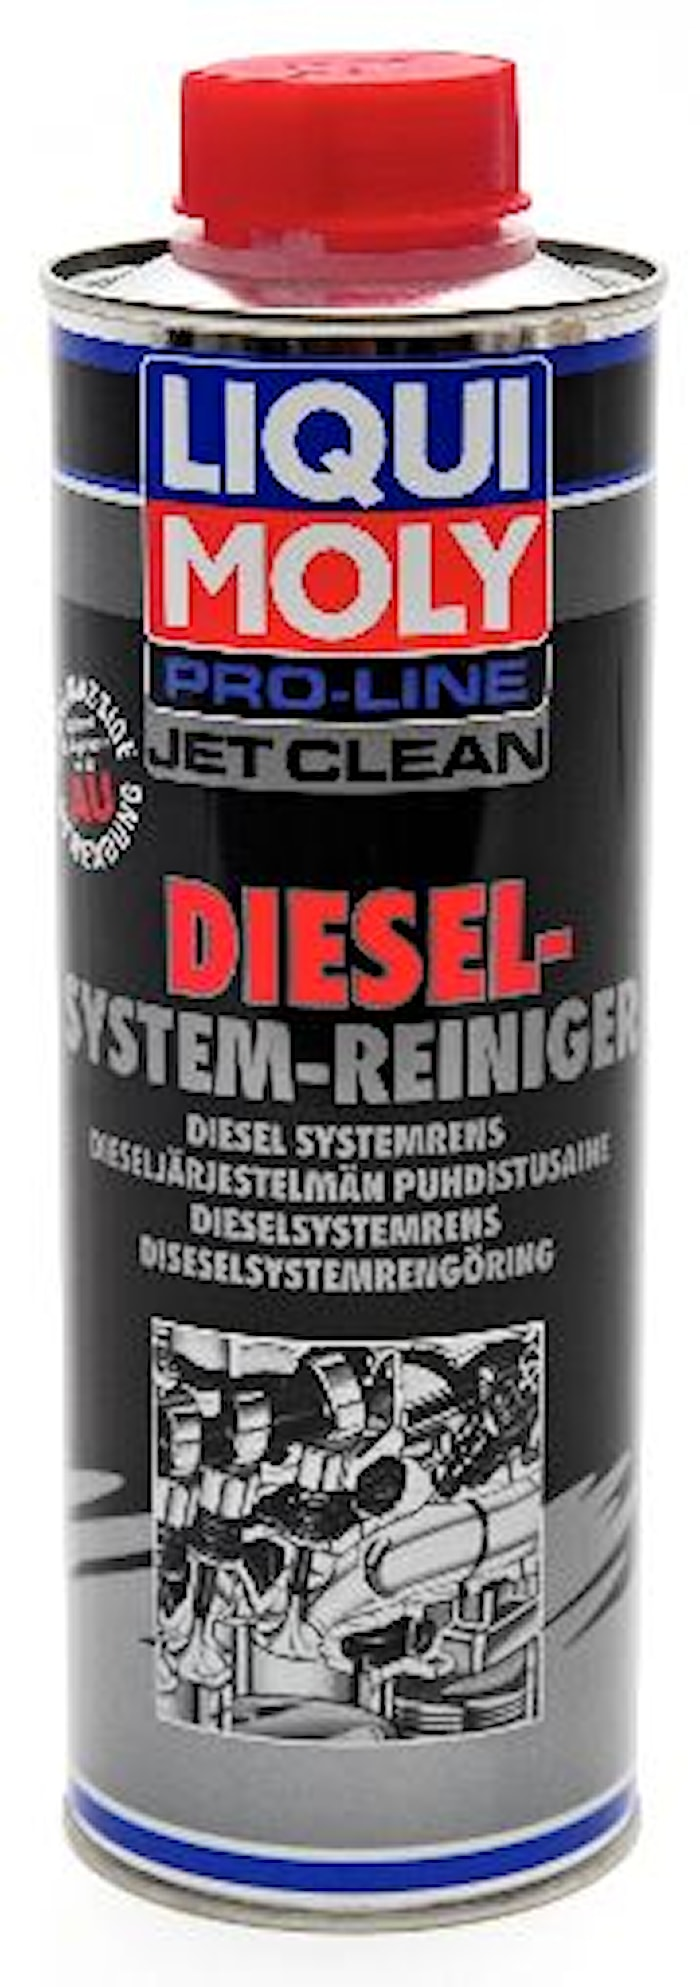 Systemrengöring diesel (PRO)